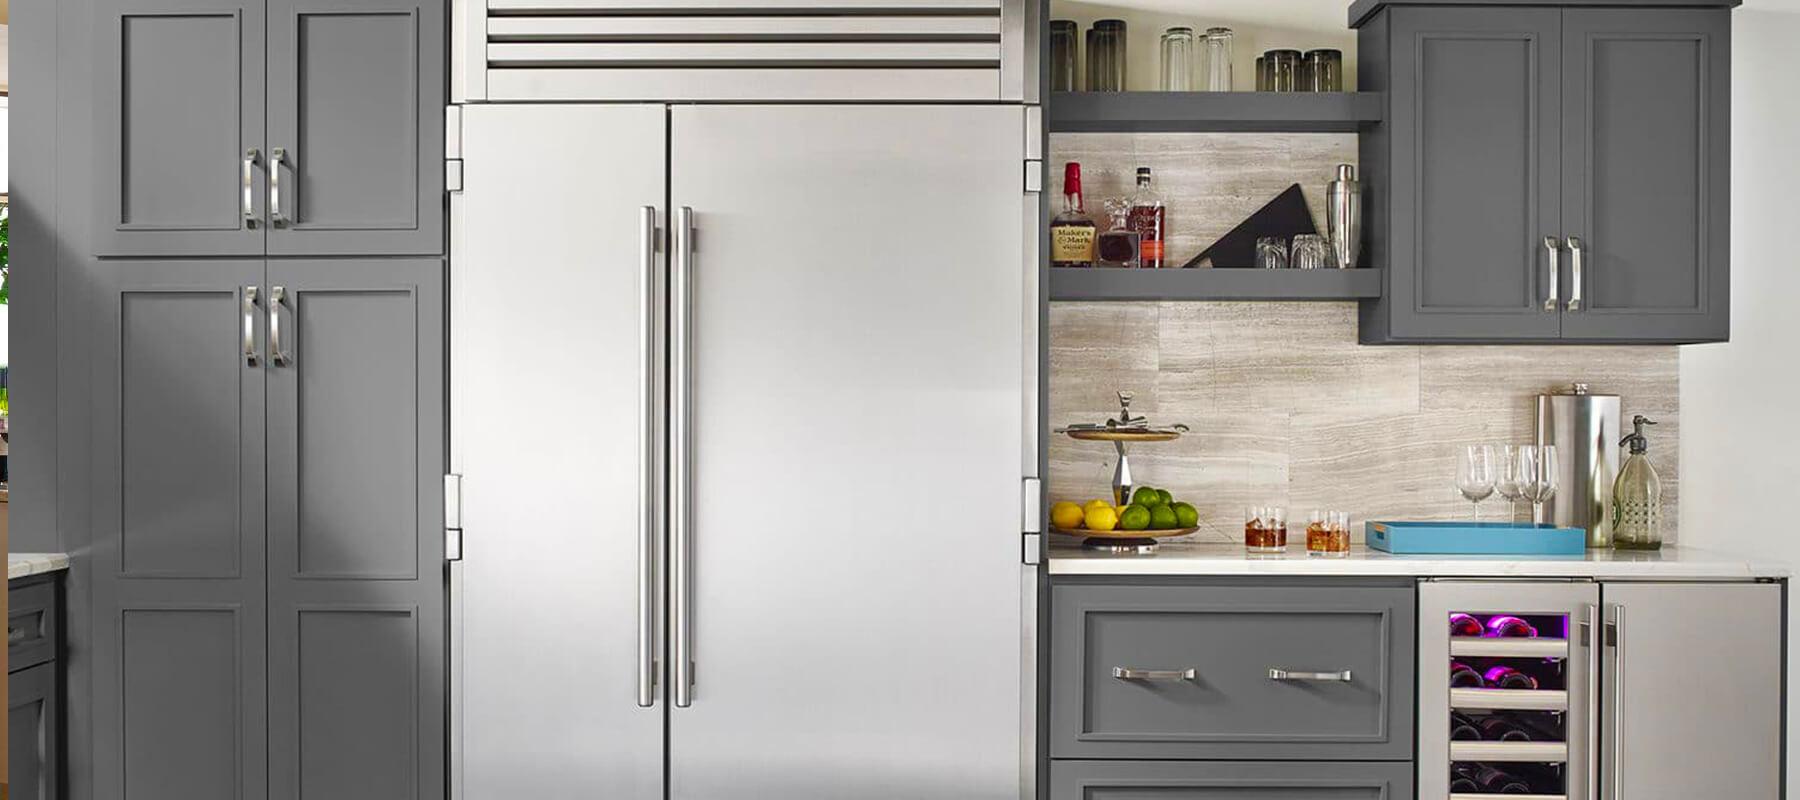 Sub Zero Authorized Repair Service | Built-in Refrigerator Repair